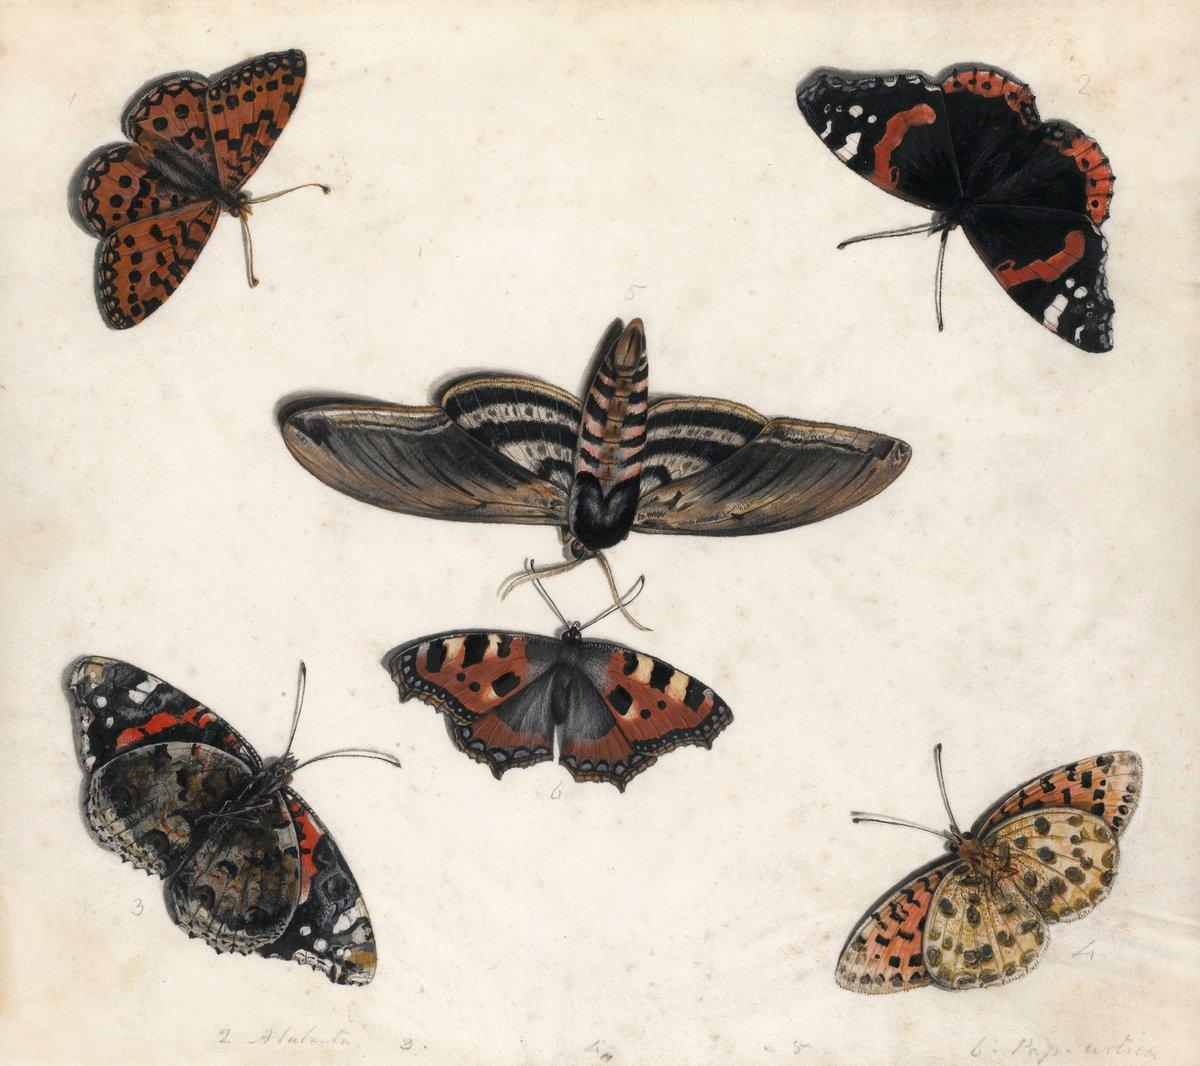 Искусство, картина Ван Кессель Ян «Натюрморт с насекомыми», 23x20 см, на бумагеНасекомые<br>Постер на холсте или бумаге. Любого нужного вам размера. В раме или без. Подвес в комплекте. Трехслойная надежная упаковка. Доставим в любую точку России. Вам осталось только повесить картину на стену!<br>